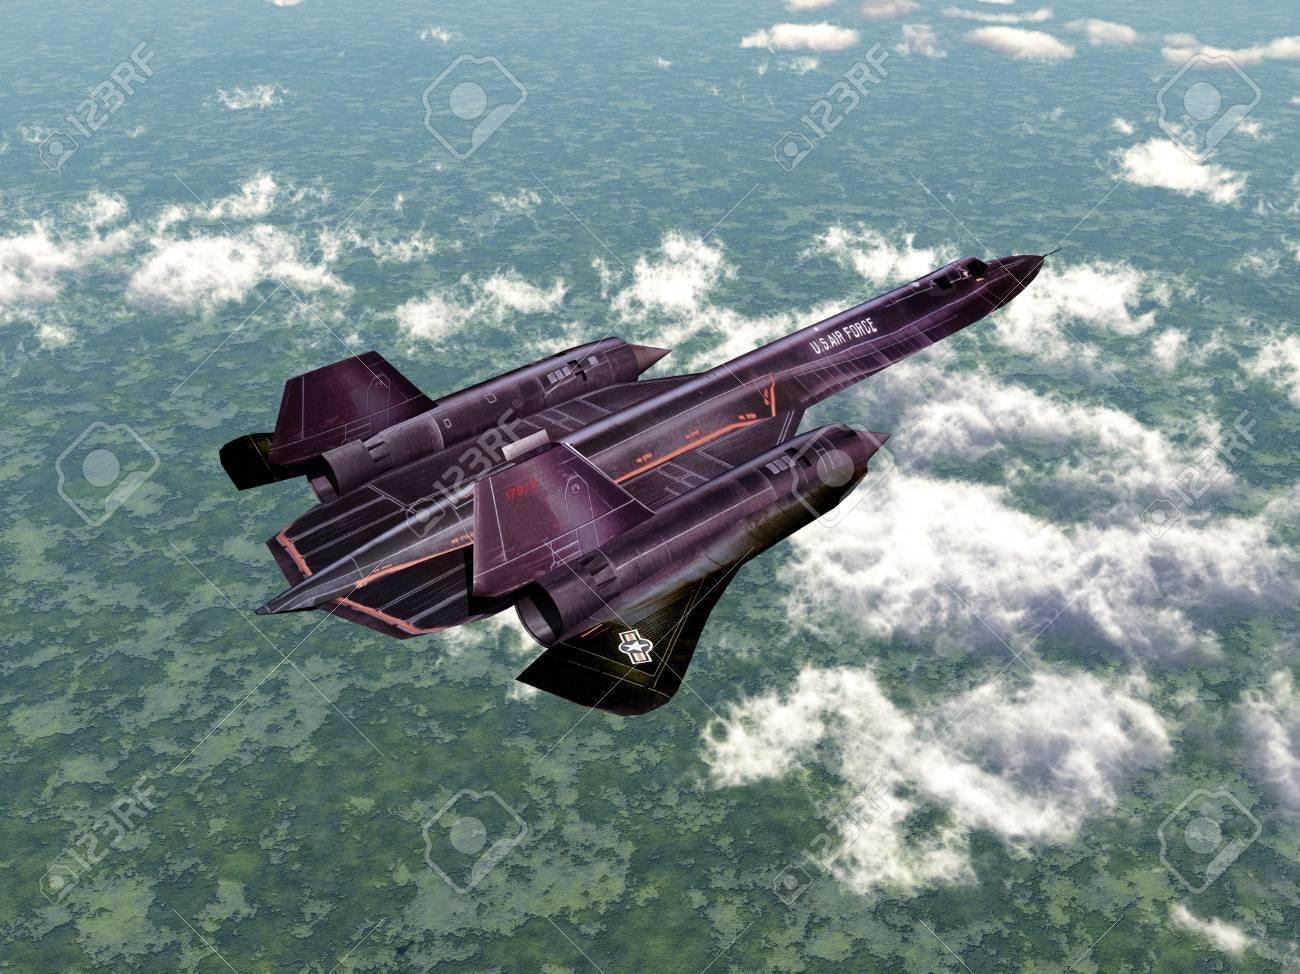 Reconnaissance Aircraft sr 71 Reconnaissance Aircraft sr 71